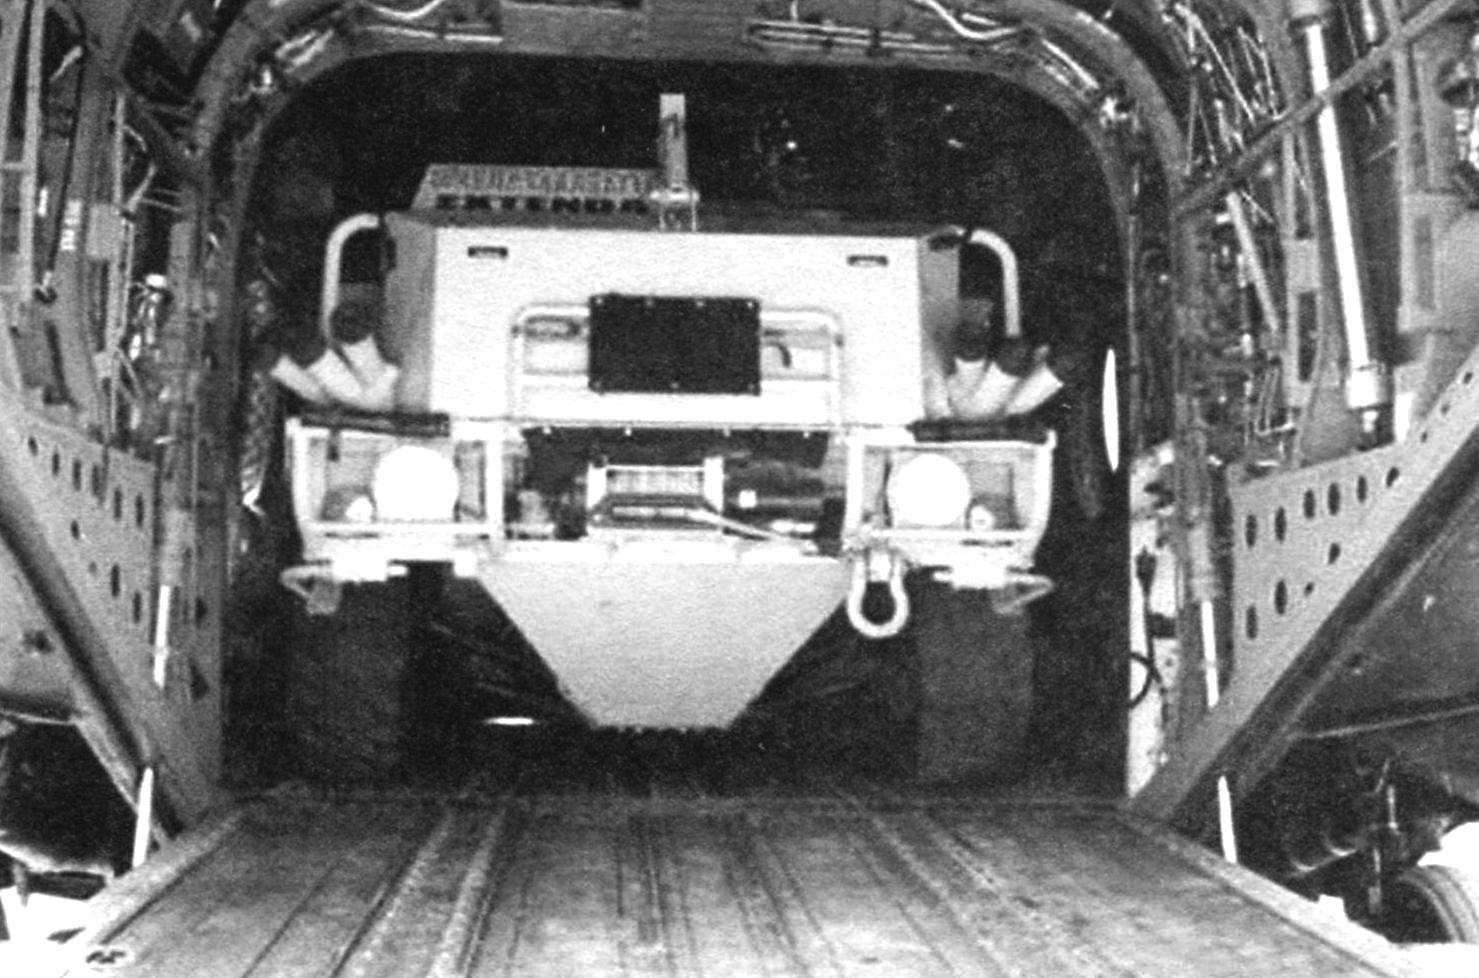 Броневик «Экстенда» 4x4. Масса - 6700 кг, грузоподъёмность - 2100 кг, экипаж-3 человека. Подвеска машины позволяет изменять клиренс от 180 до 485 мм